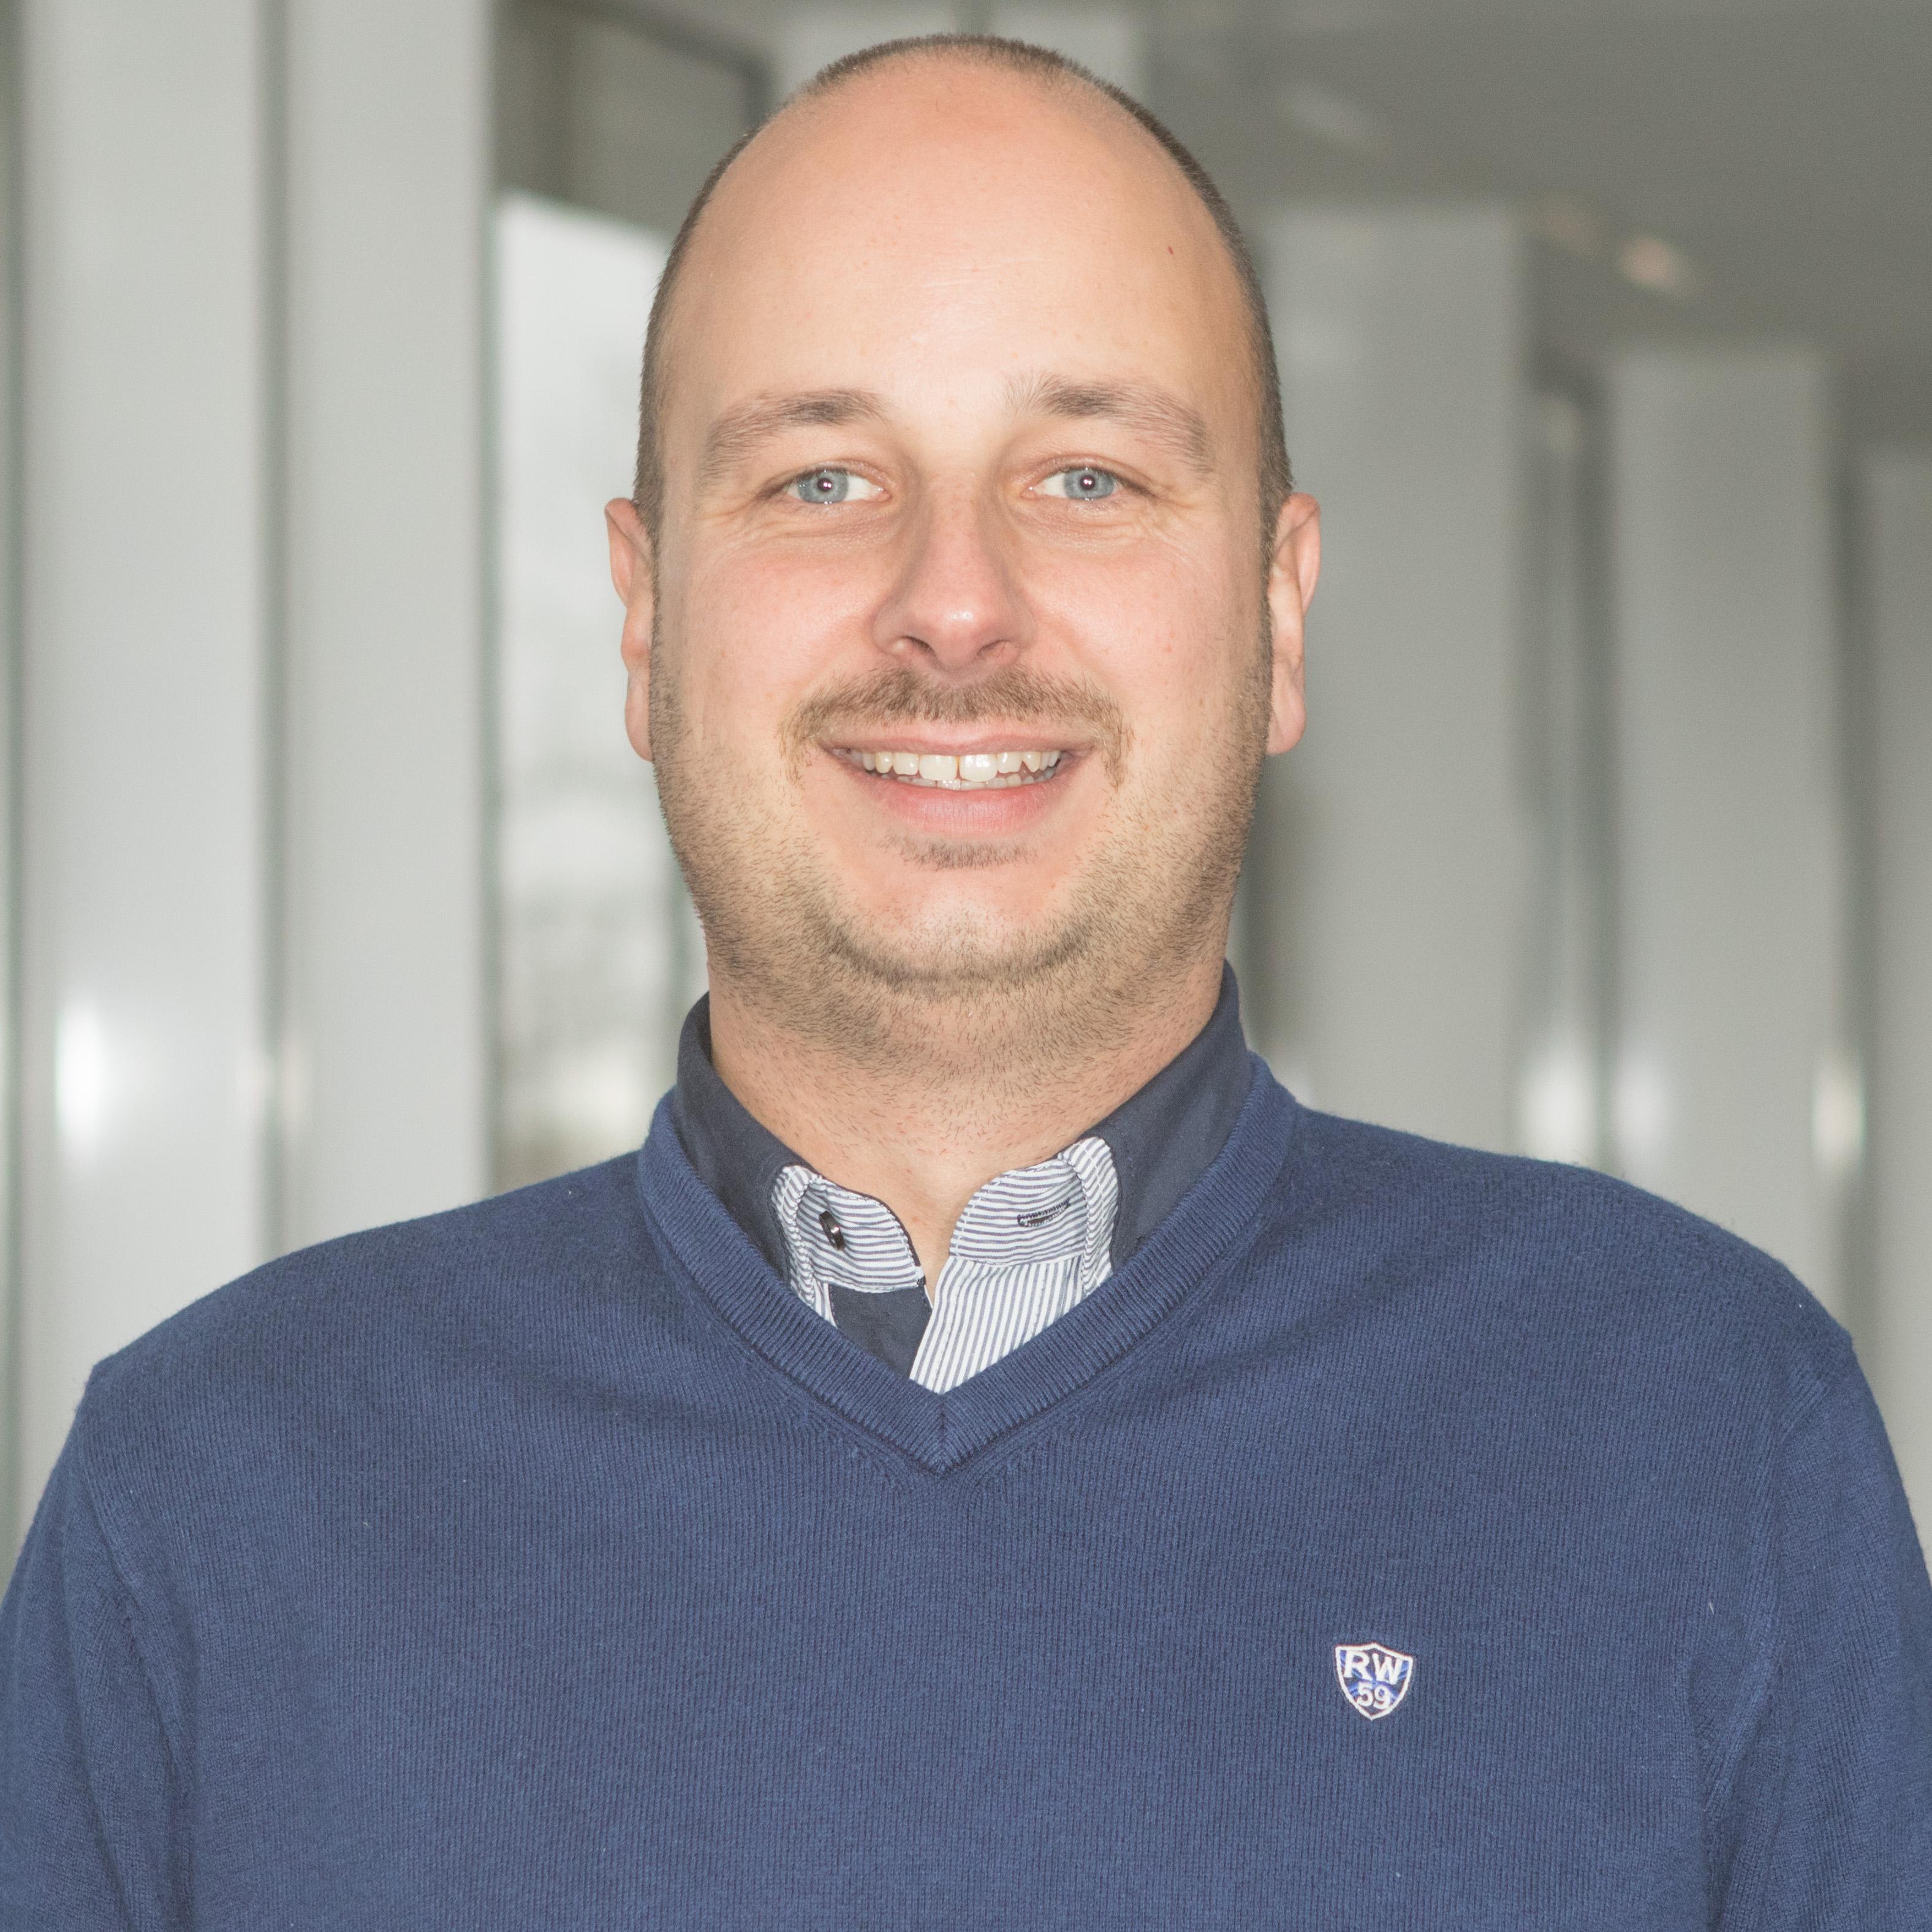 Nicolas Geudens